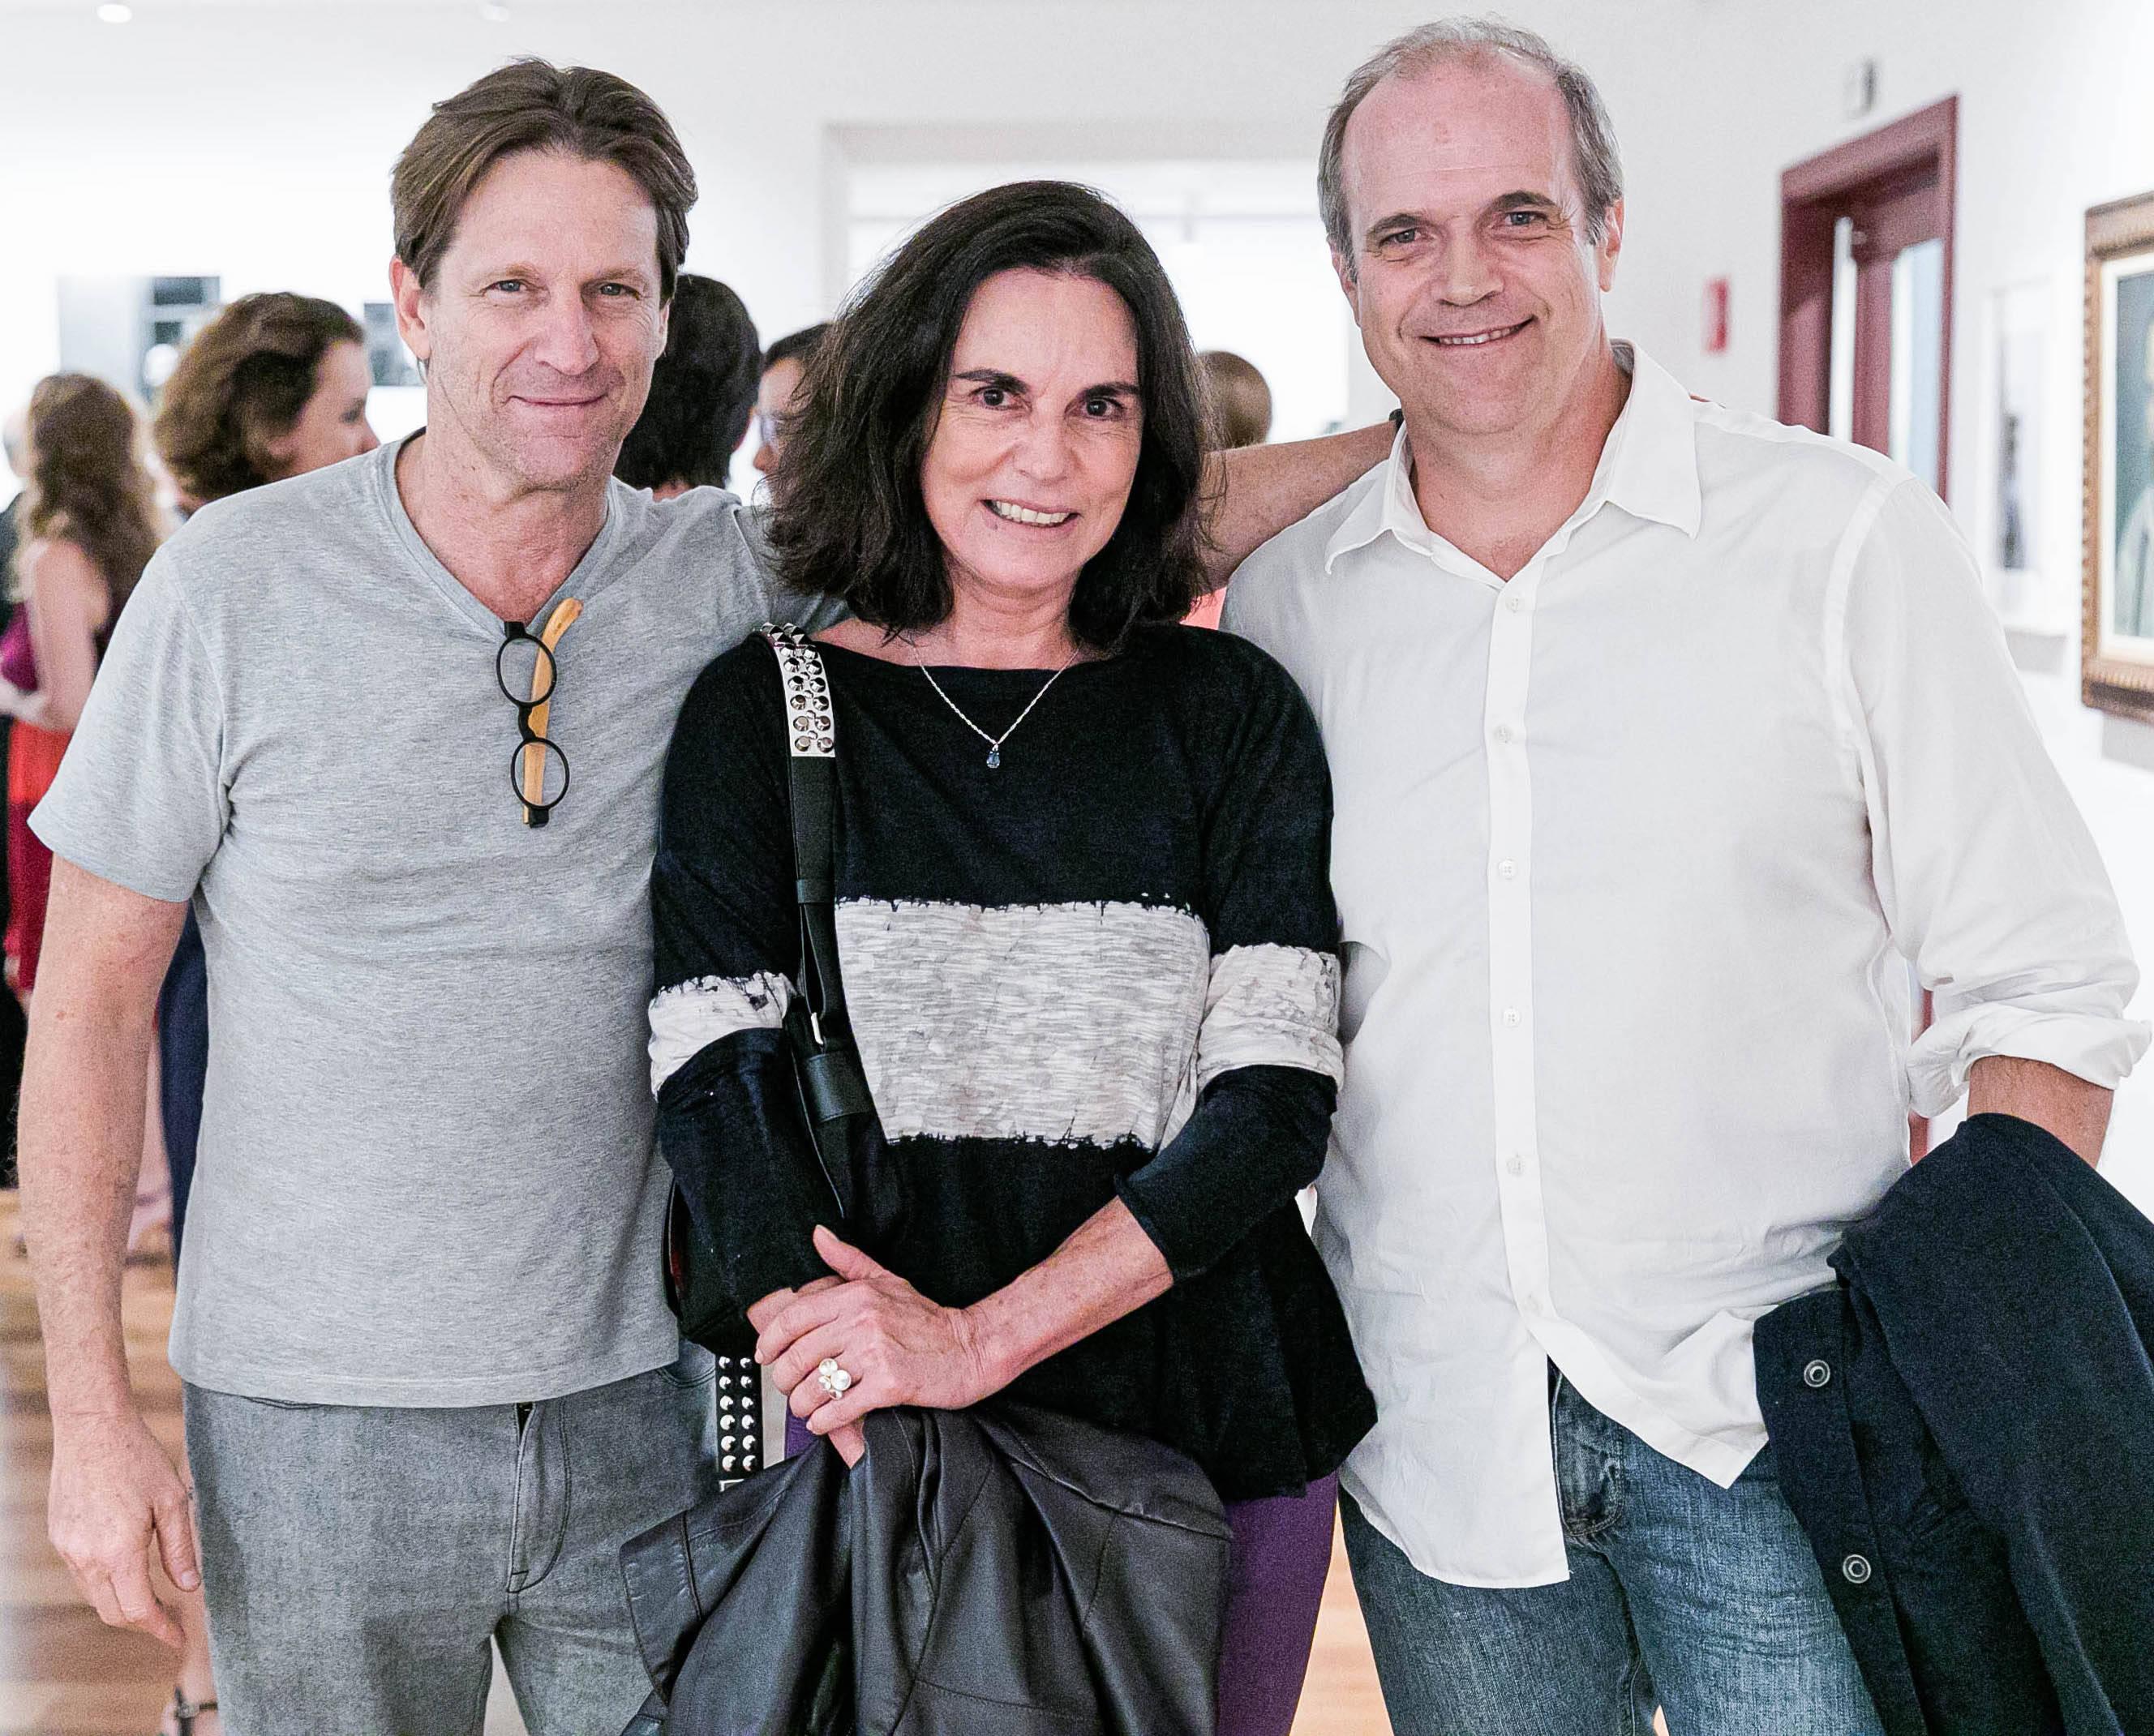 Ricardo Nauenberg, Márcia Braga e Luis de Queiros  / Foto: Miguel Sá